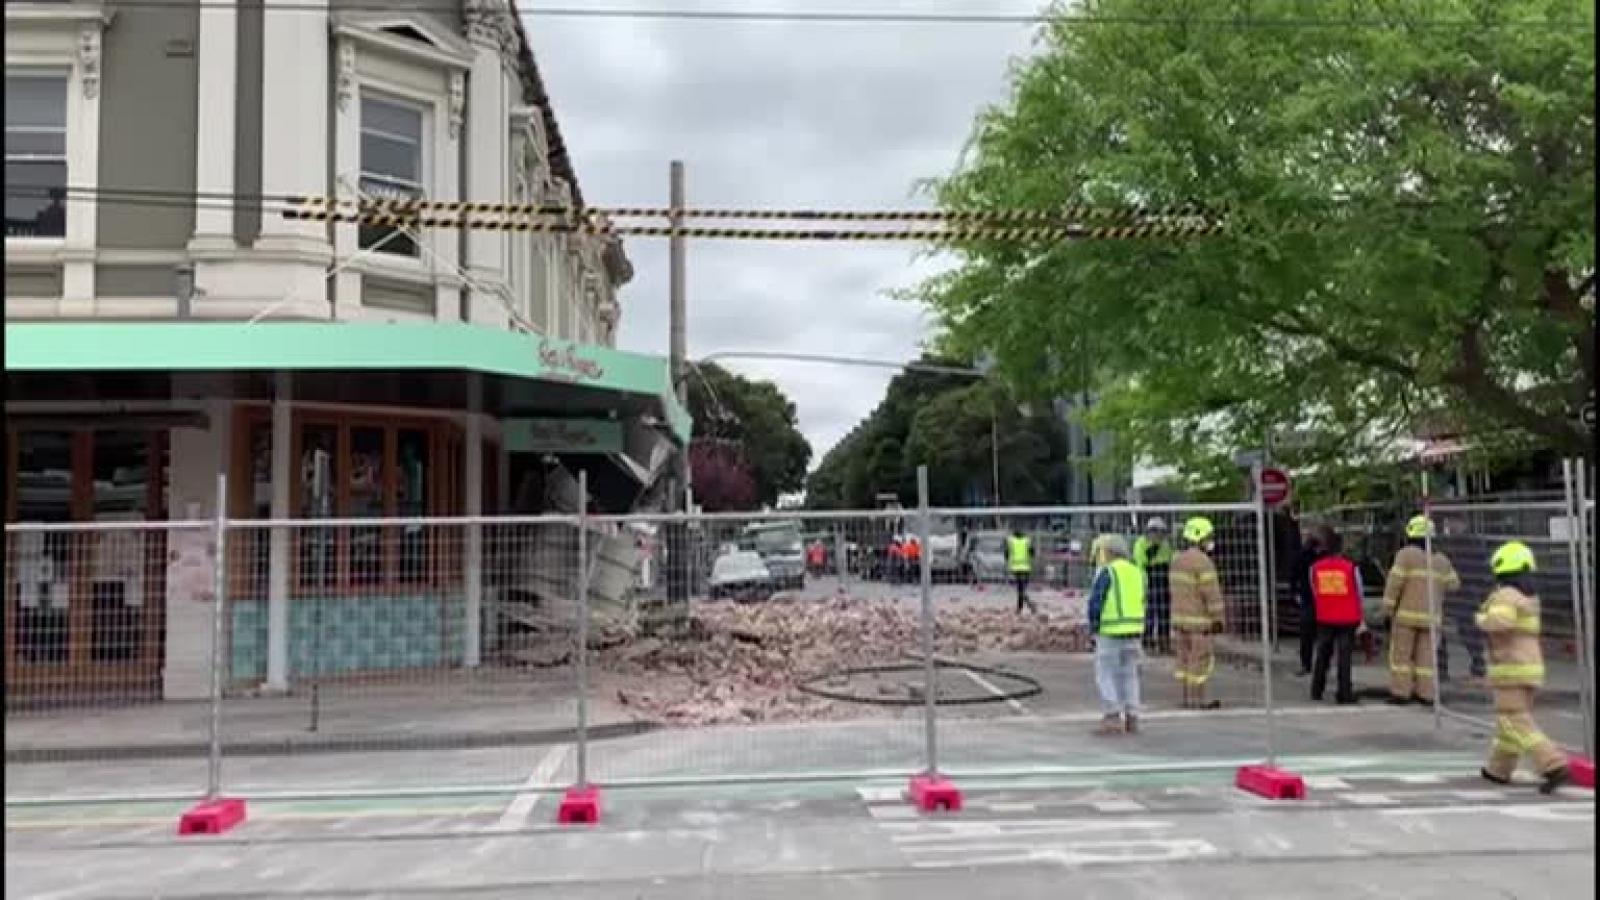 Thủ tướng Australia cam kết đưa ra các hỗ trợ cần thiết sau động đất